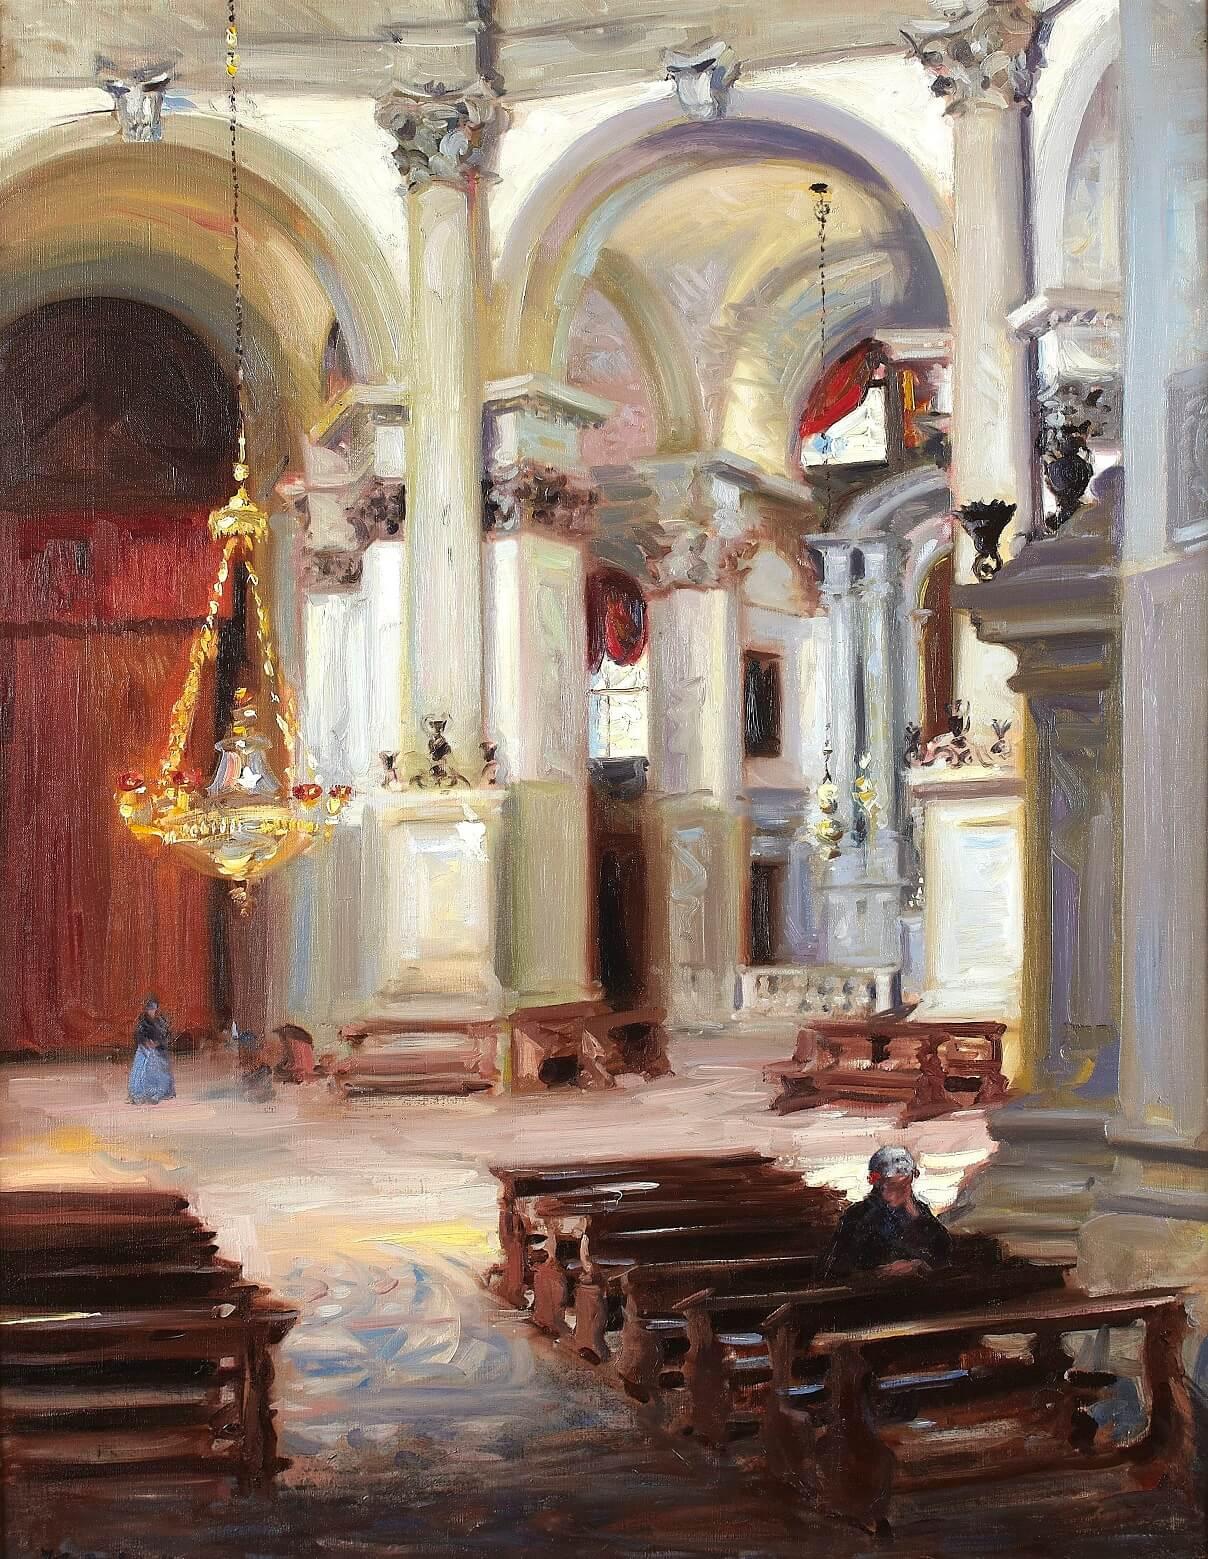 F.C.B. Cadell, Interior – Santa Maria della Salute, Venice, 1911. On loan from a private collection.